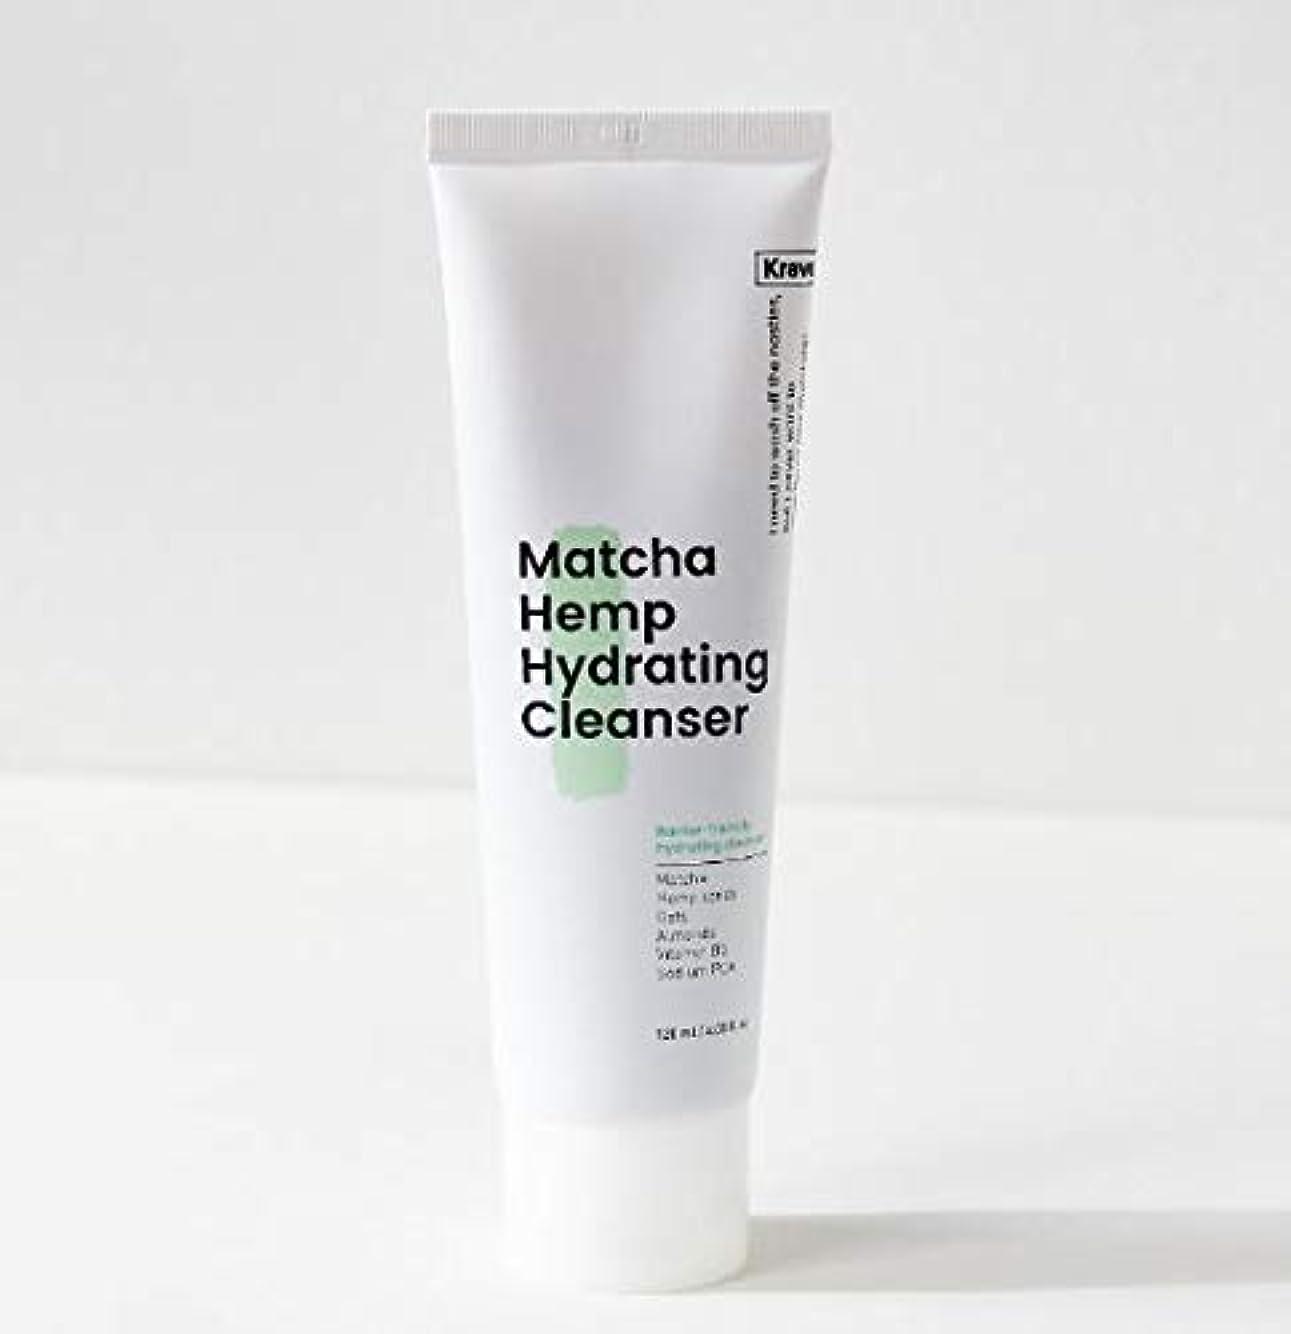 真似る認める物語[Krave] Matcha Hemp Hydrating Cleanser 120ml / 抹茶ハイドレイティングクレンザー120ml [並行輸入品]